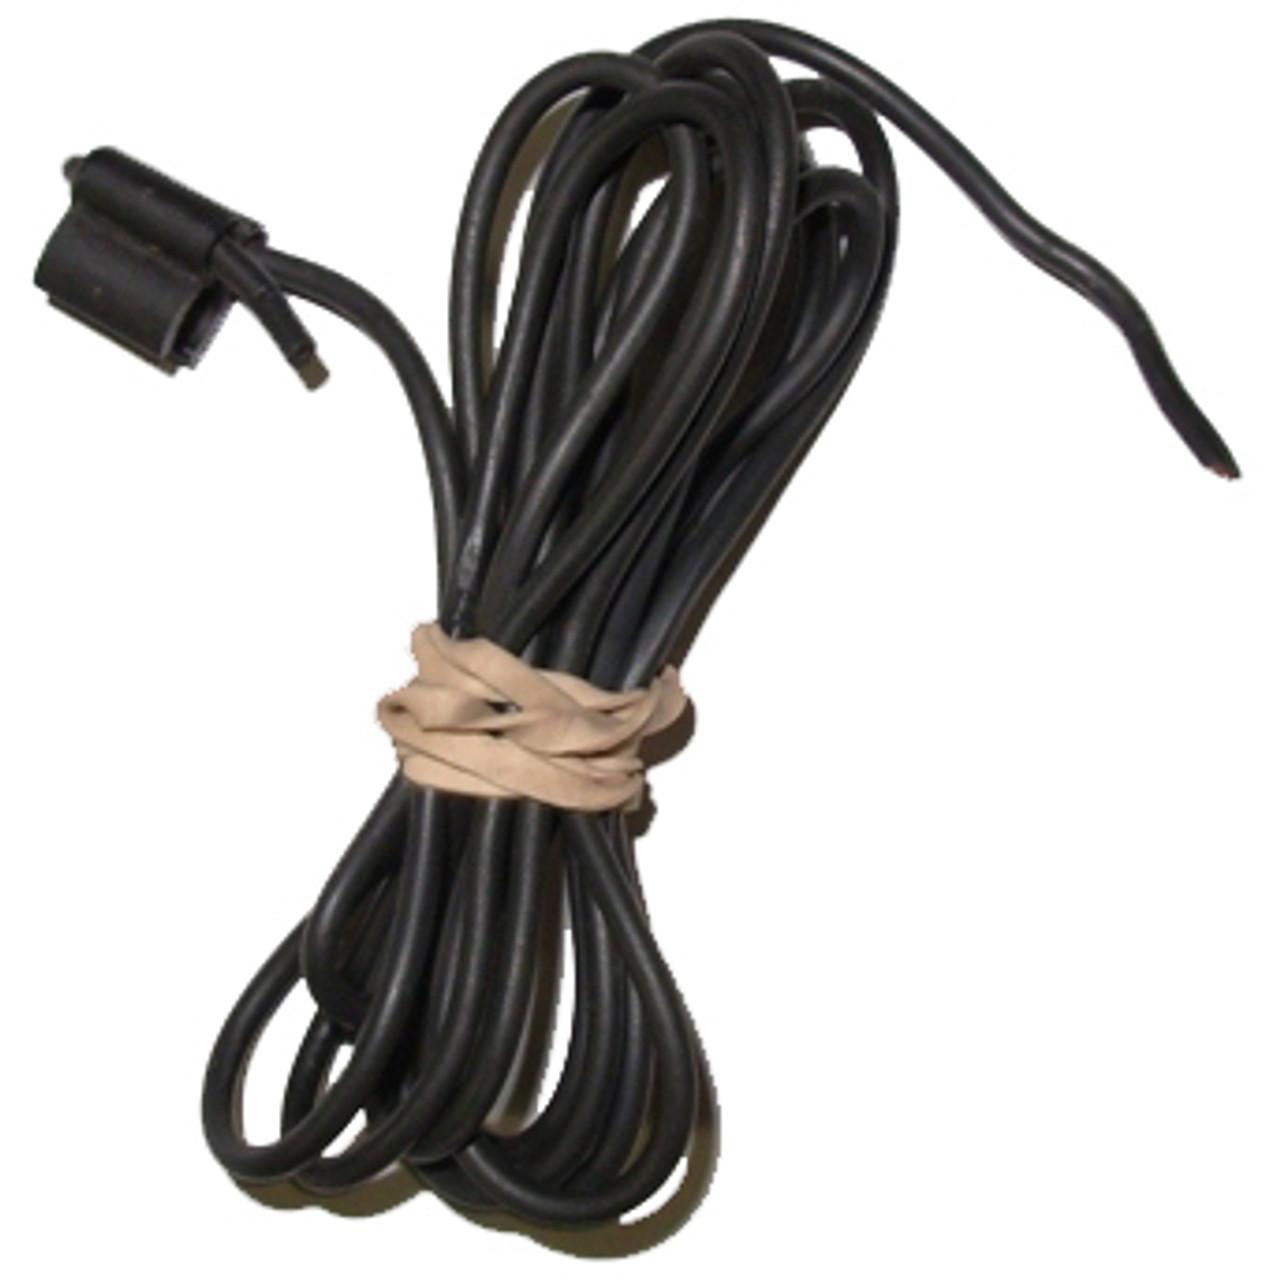 My-Chron 5/4 Std Tach Cable